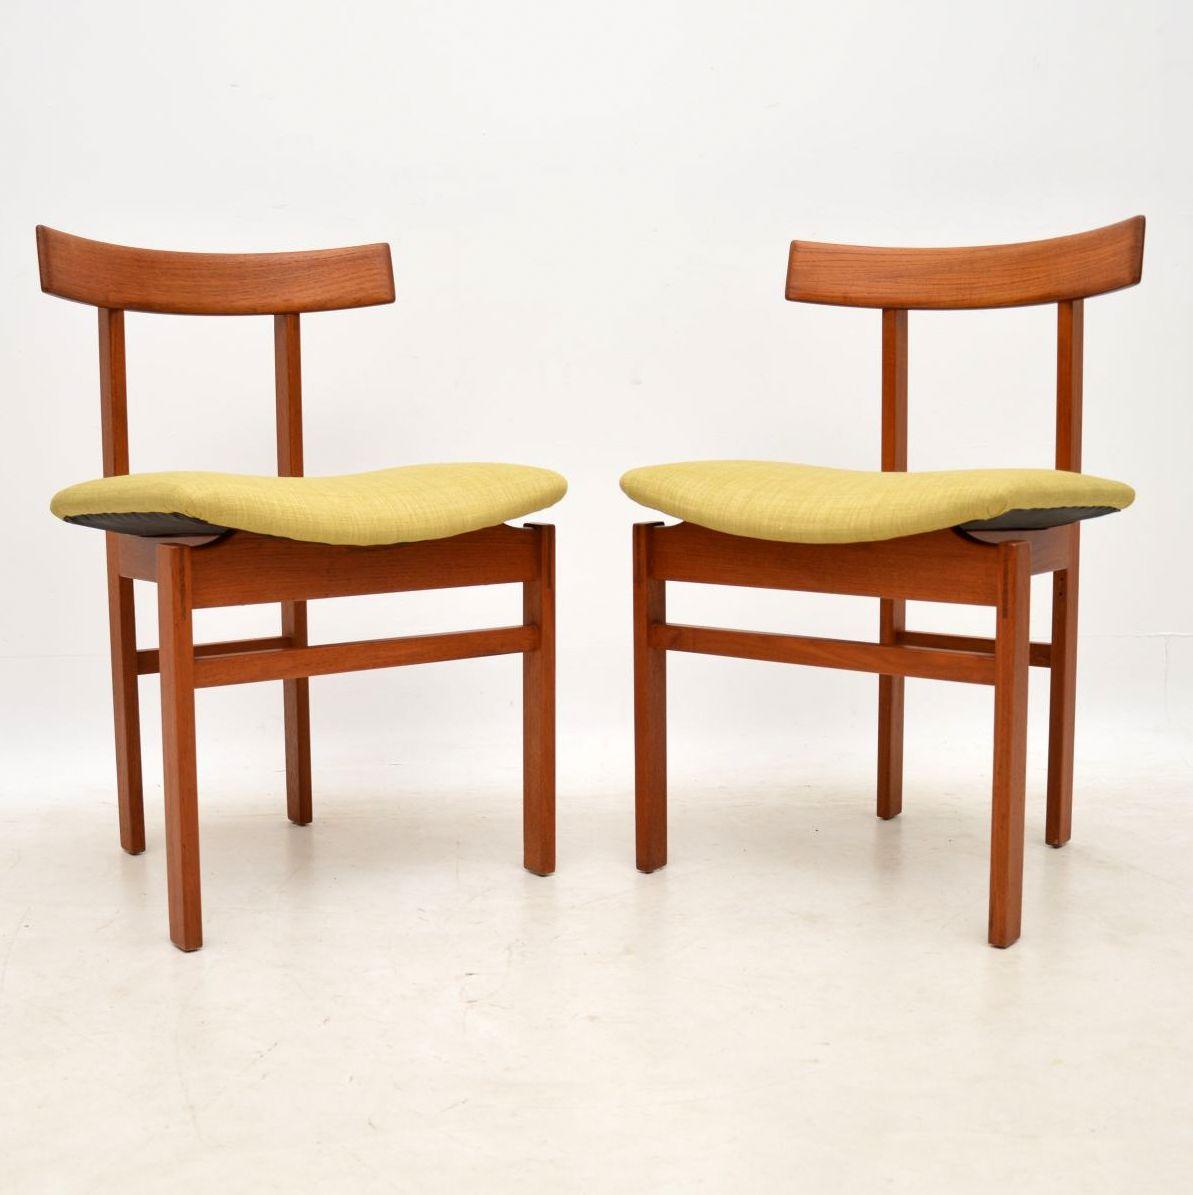 pair of danish teak chairs inger klingenberg france and son